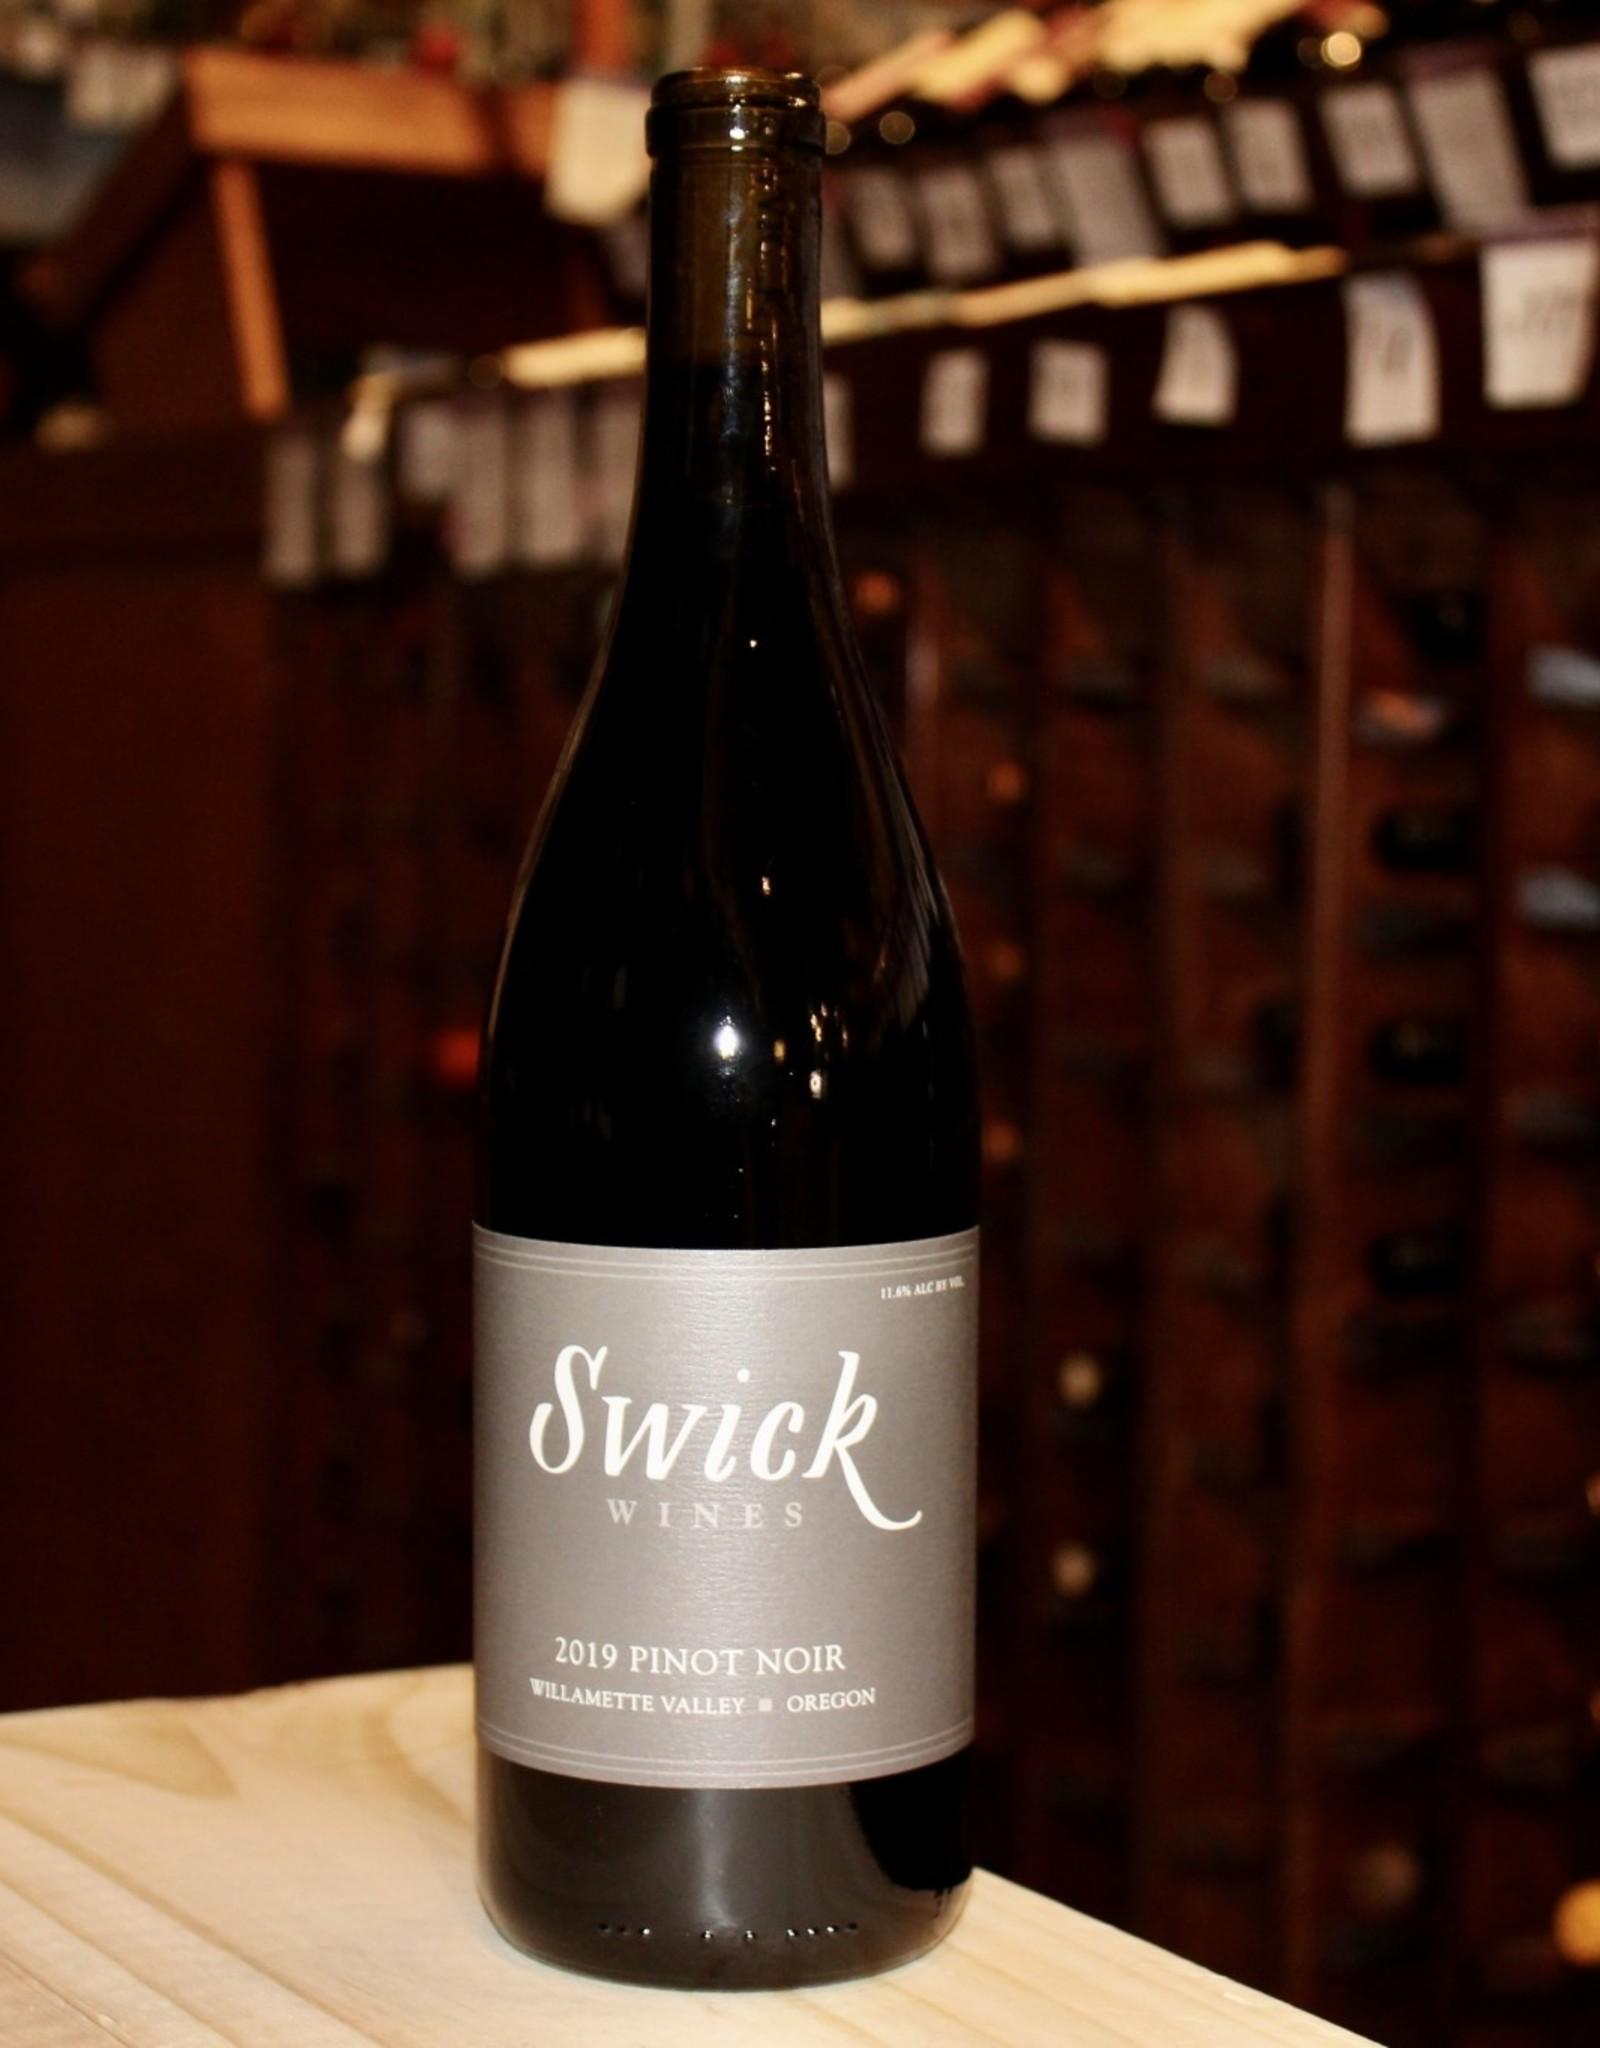 Wine 2019 Swick Pinot Noir - Willamette Valley, OR (750ml)